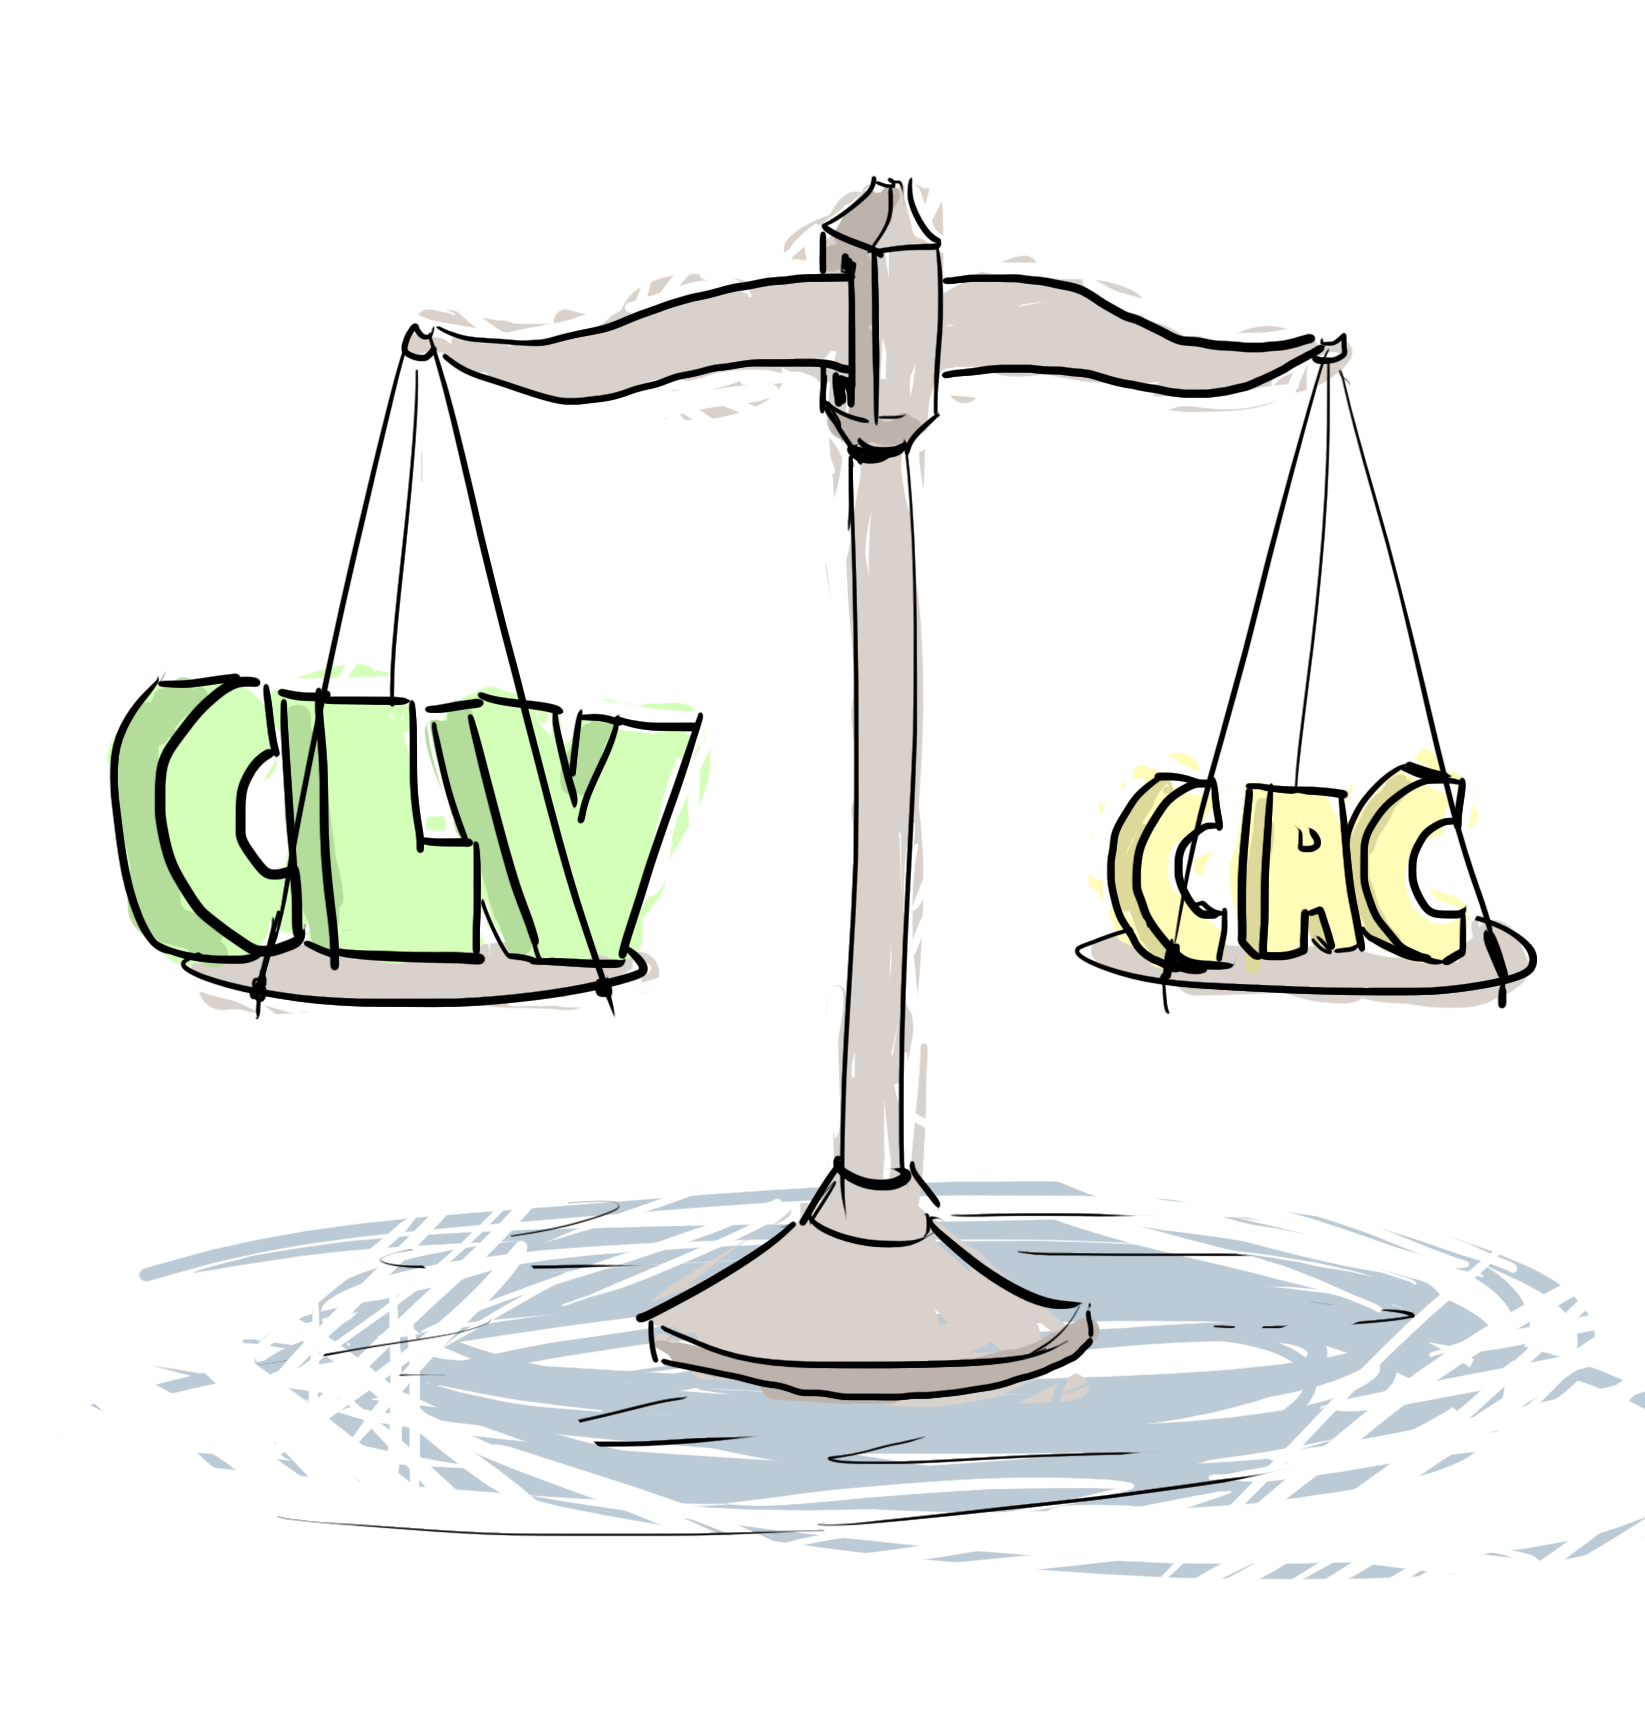 CLV >= 2 * CAC